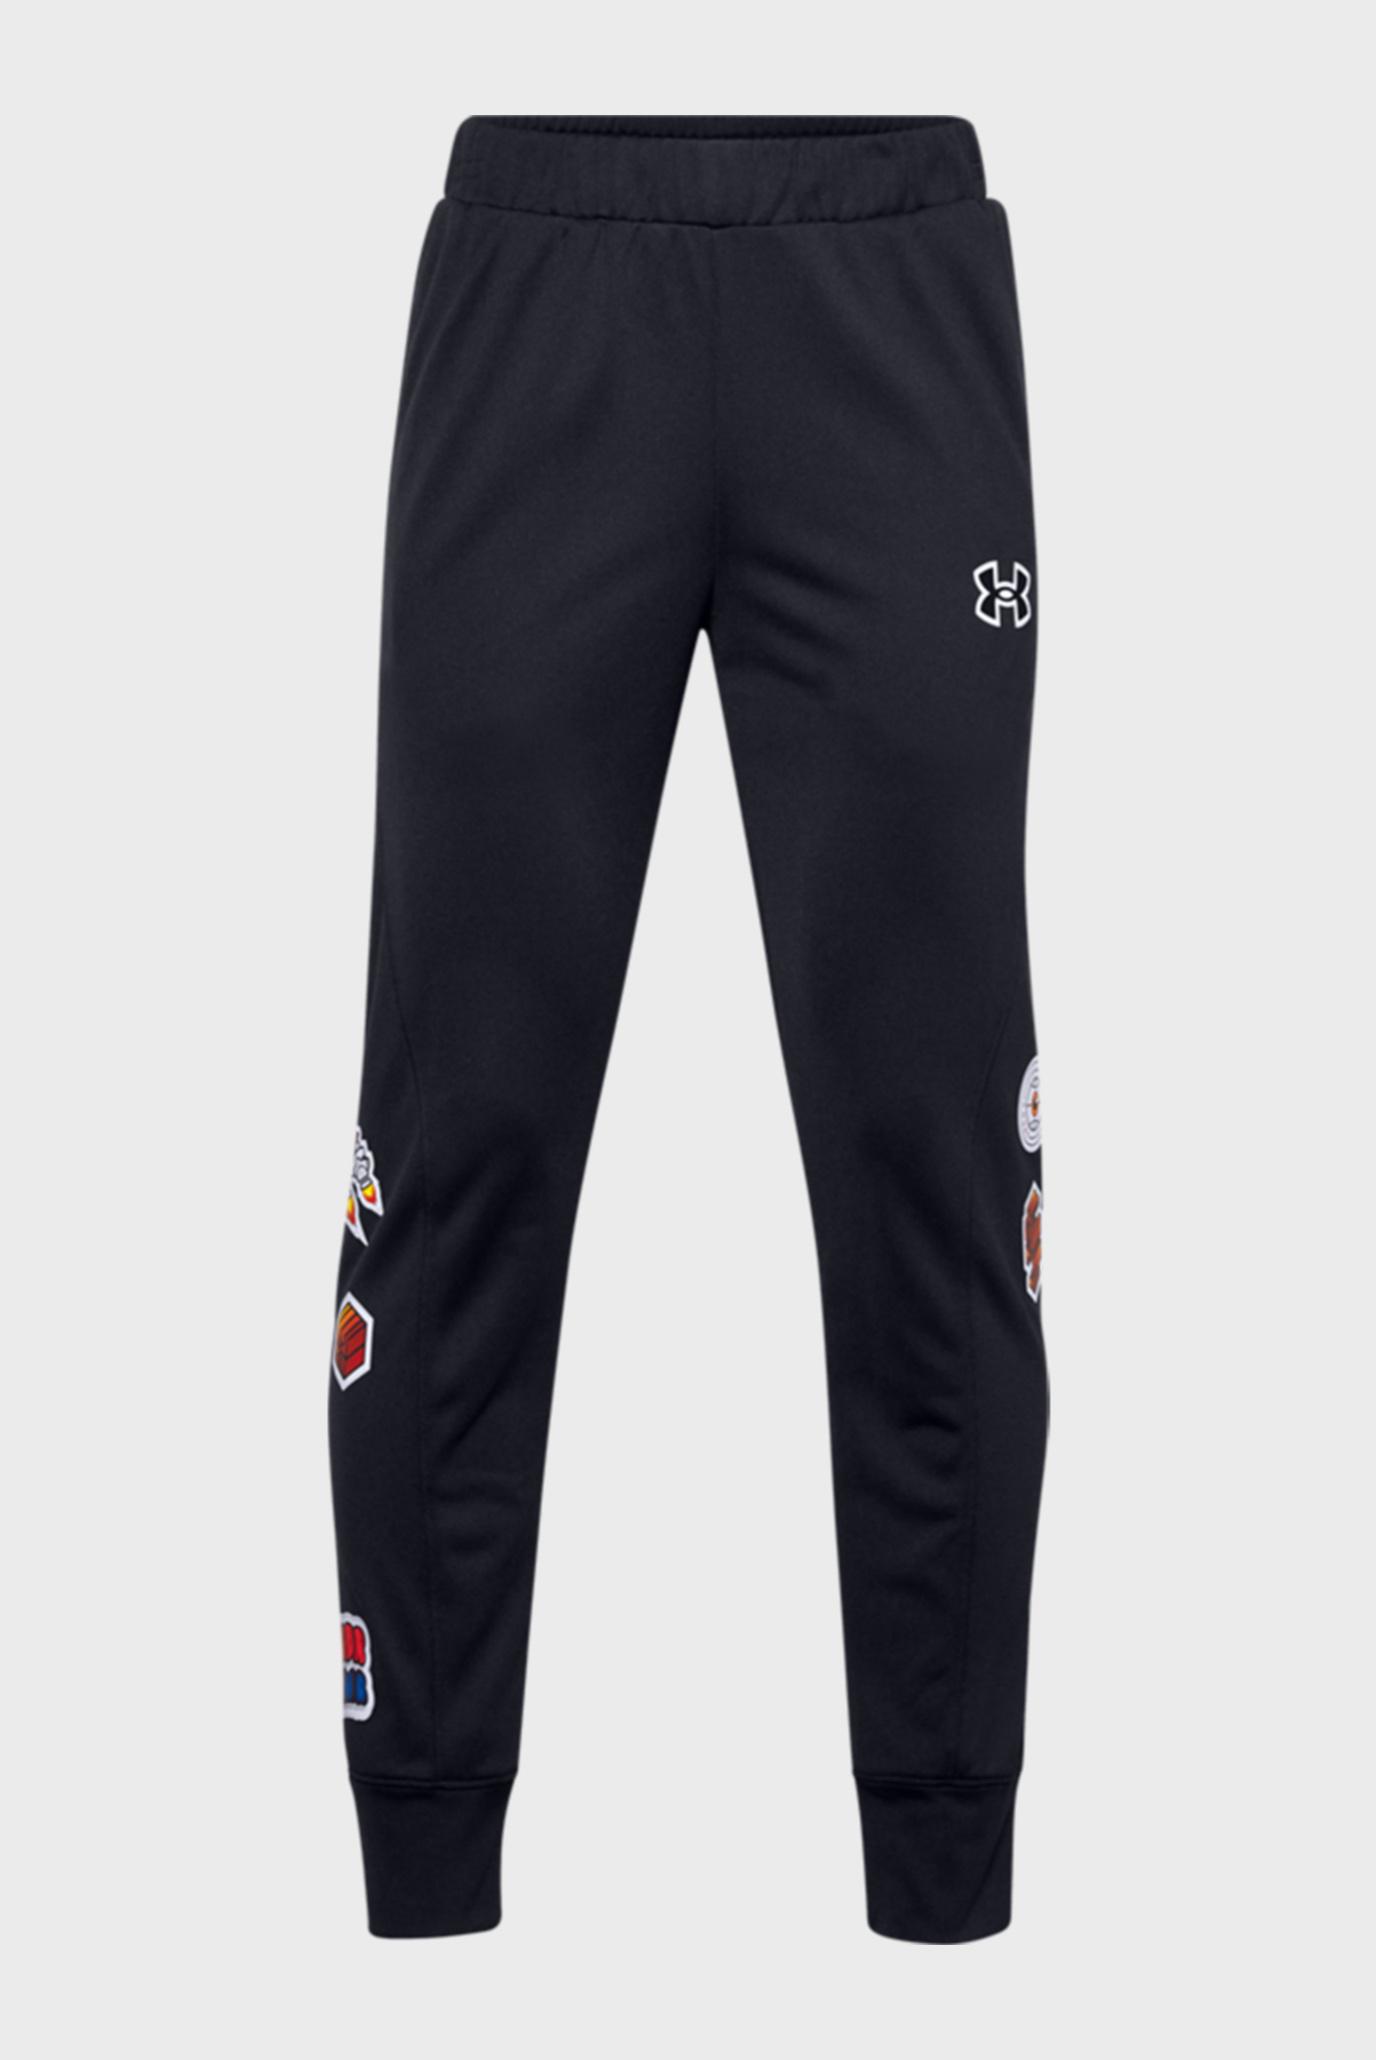 Дитячі чорні спортивні штани Boys Perf Pant 1